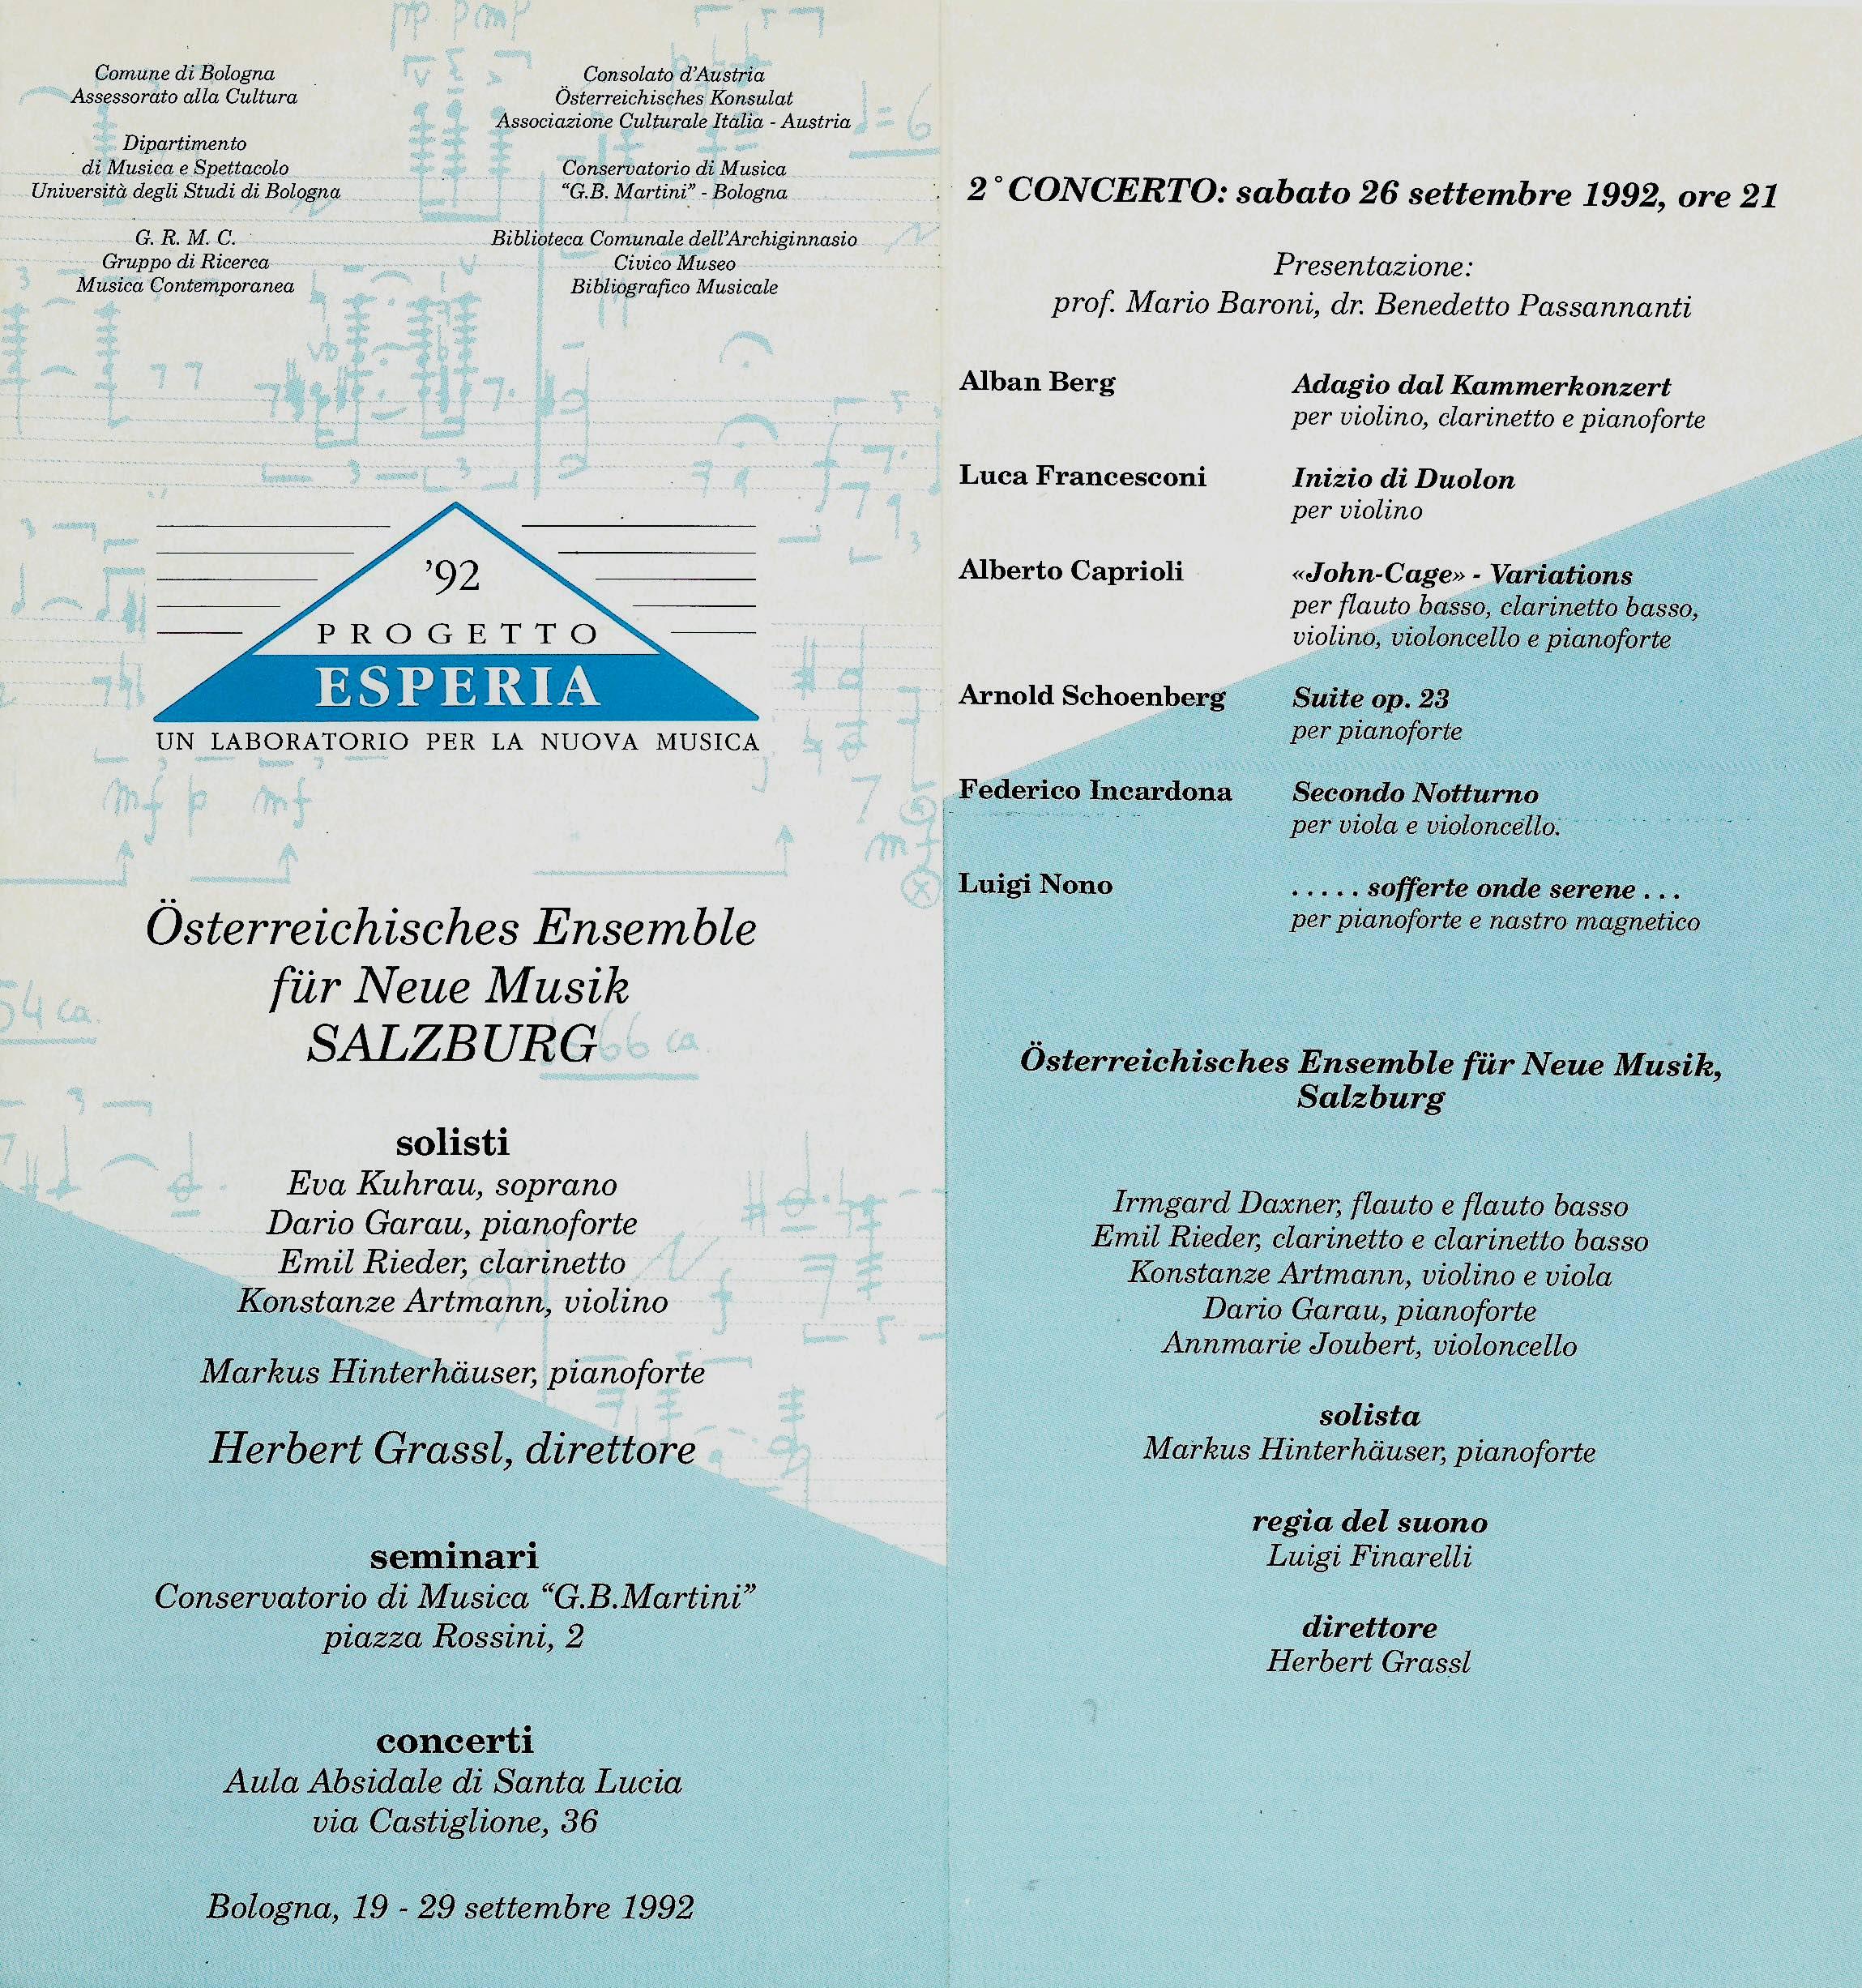 BOLOGNA, PROGETTO ESPERIA 1992. ALBERTO CAPRIOLI, JOHN CAGE VARIATIONS